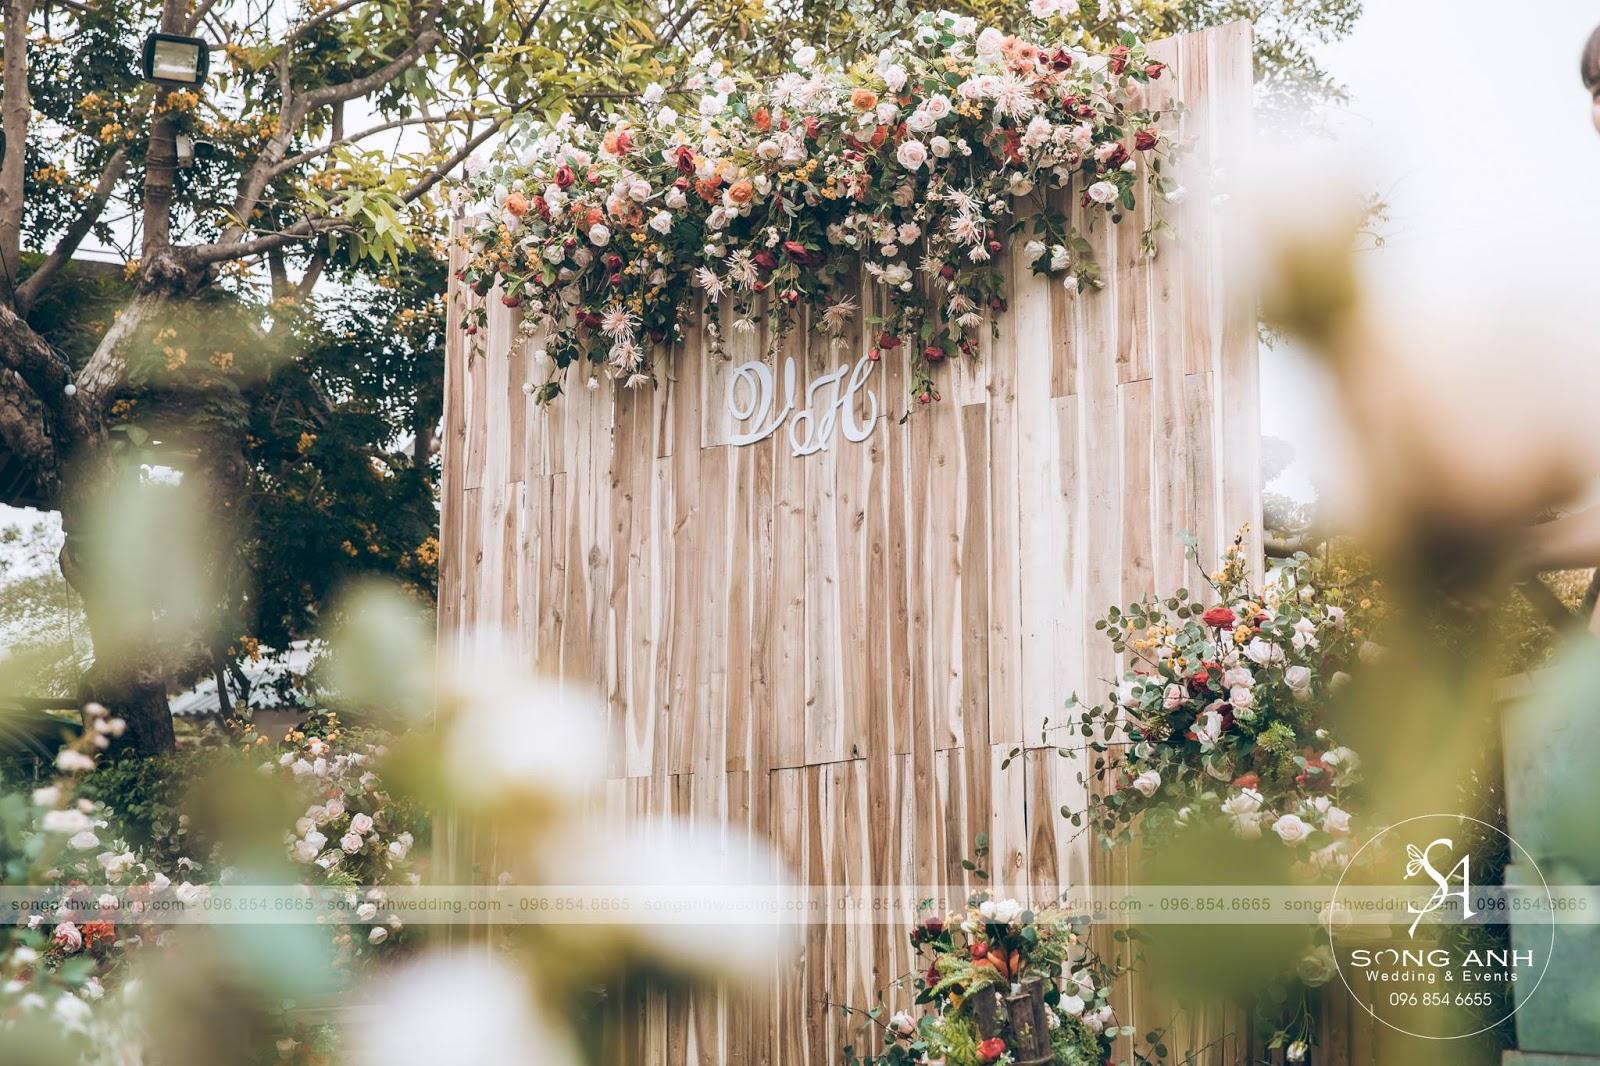 Phong cách Rustic với chủ đề hoa lá màu xuân